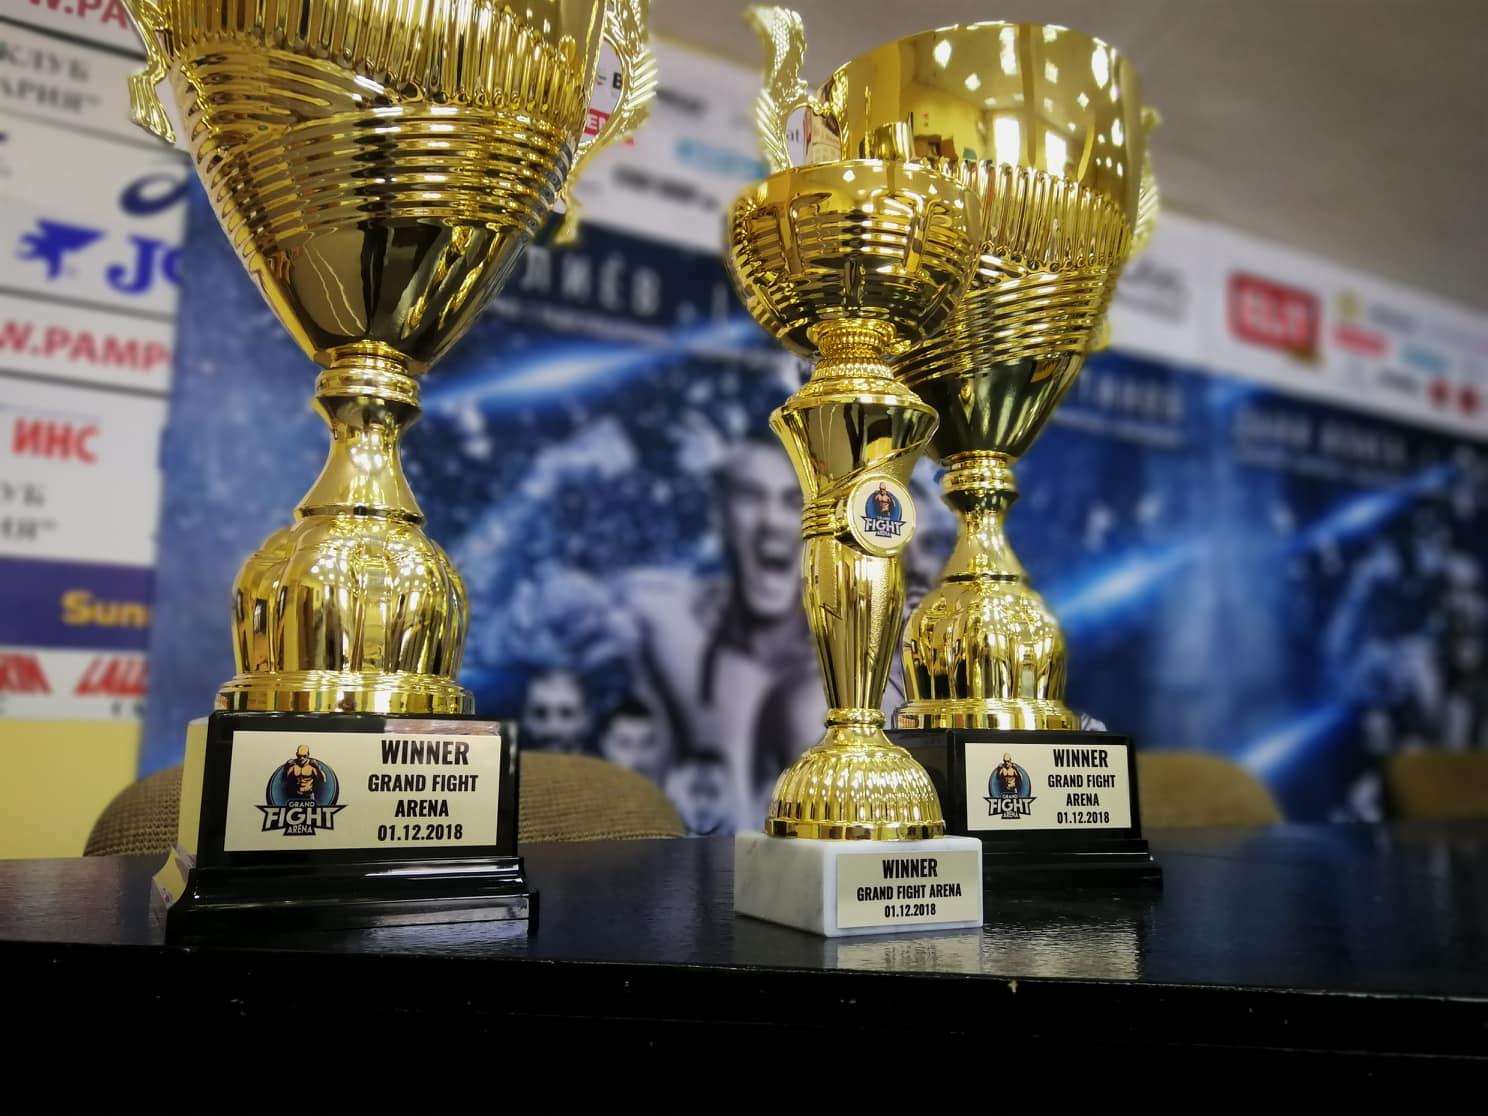 Банско иска GRAND FIGHT ARENA, организаторите се хвалят с хонорари